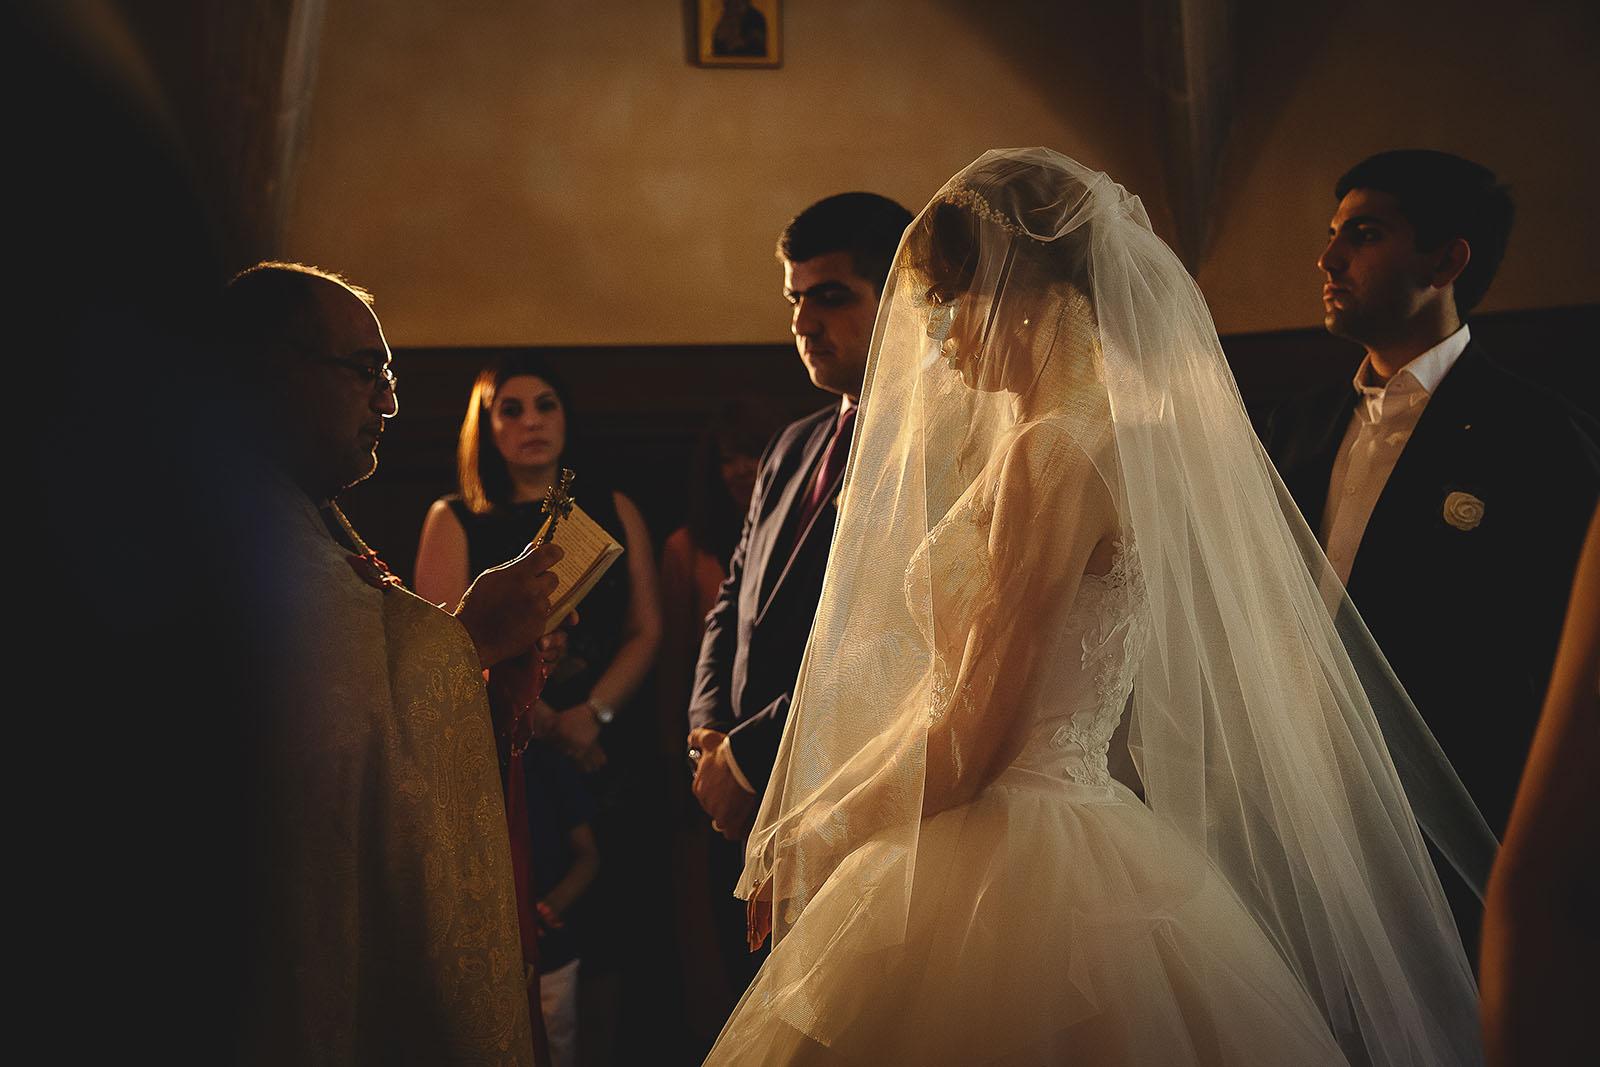 Mariage au Château de Beguin David Pommier photographe de mariage. La mariée sous son voile durant la cérémonie